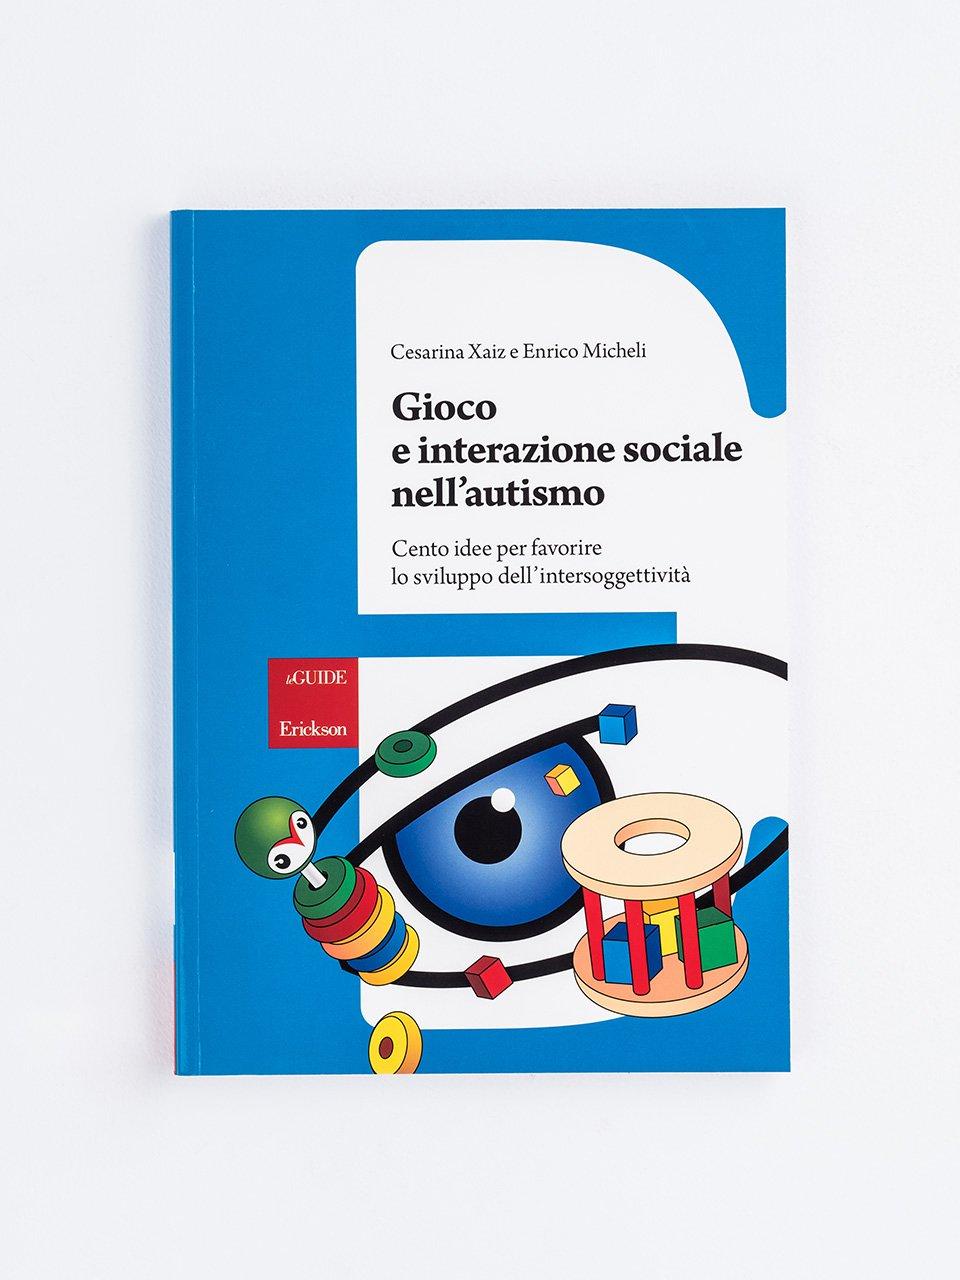 Gioco e interazione sociale nell'autismo - Vedere, pensare altre cose - Libri - Erickson